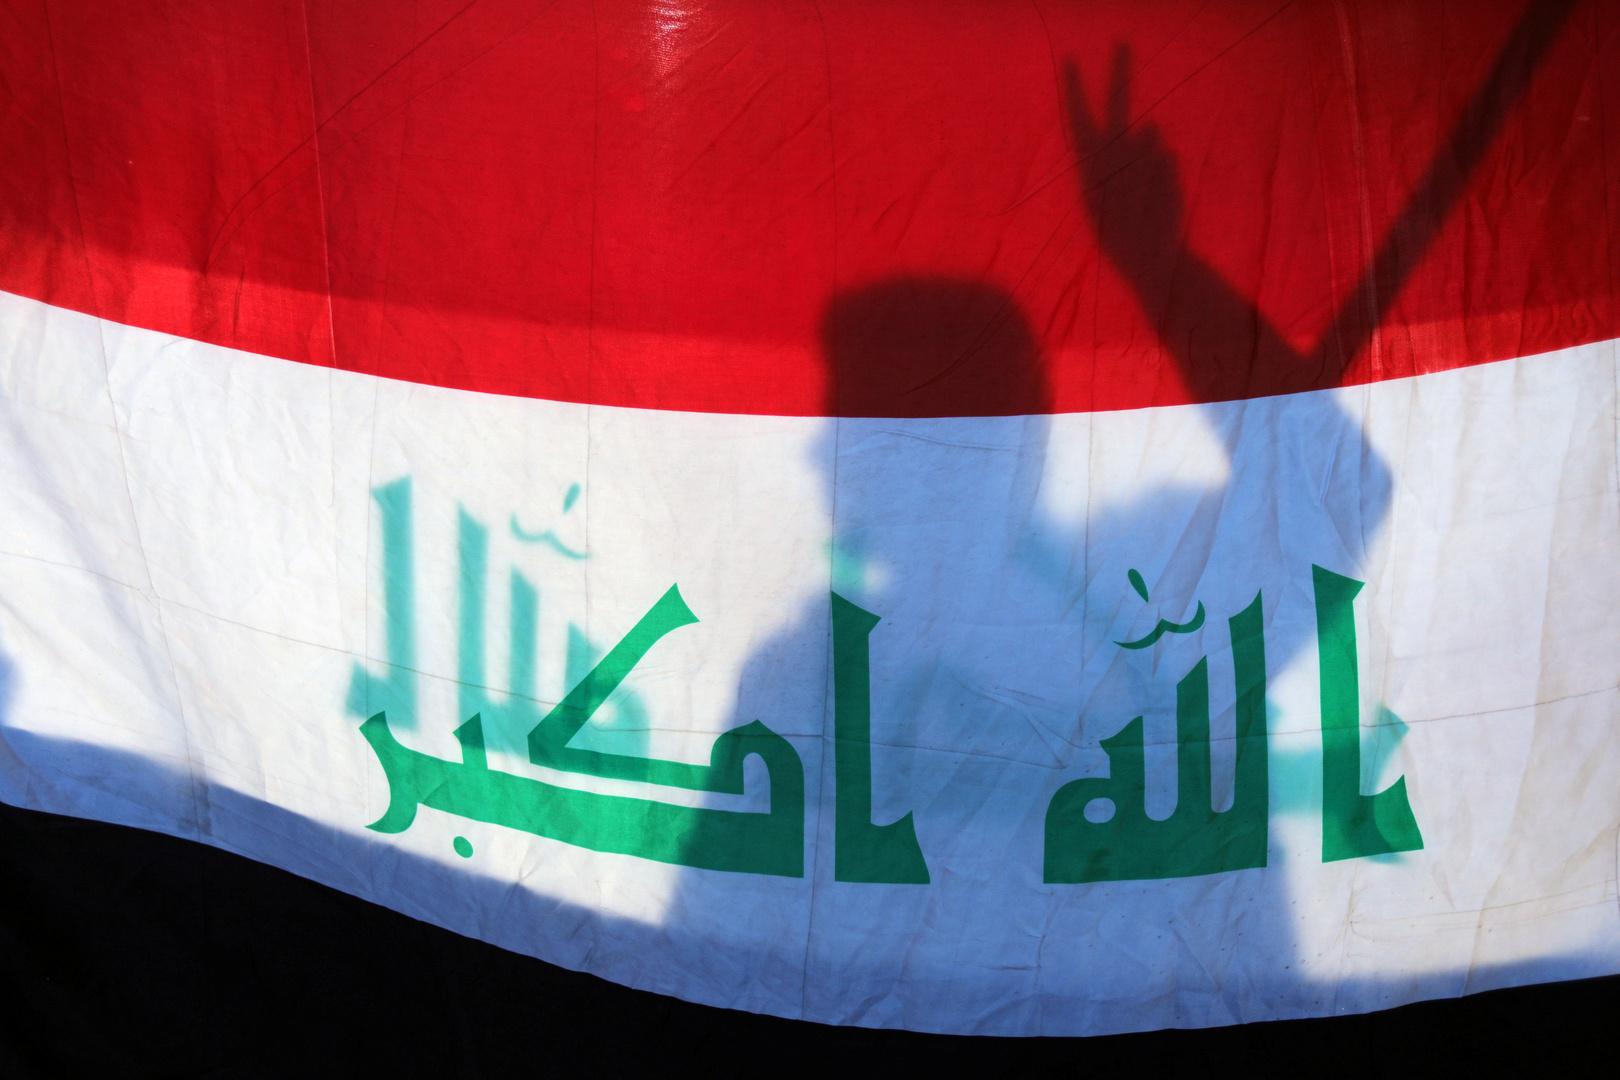 التيار الصدري: التقارير الإعلامية المتداولة بشأن طبيعة الحكومة العراقية المرتقبة